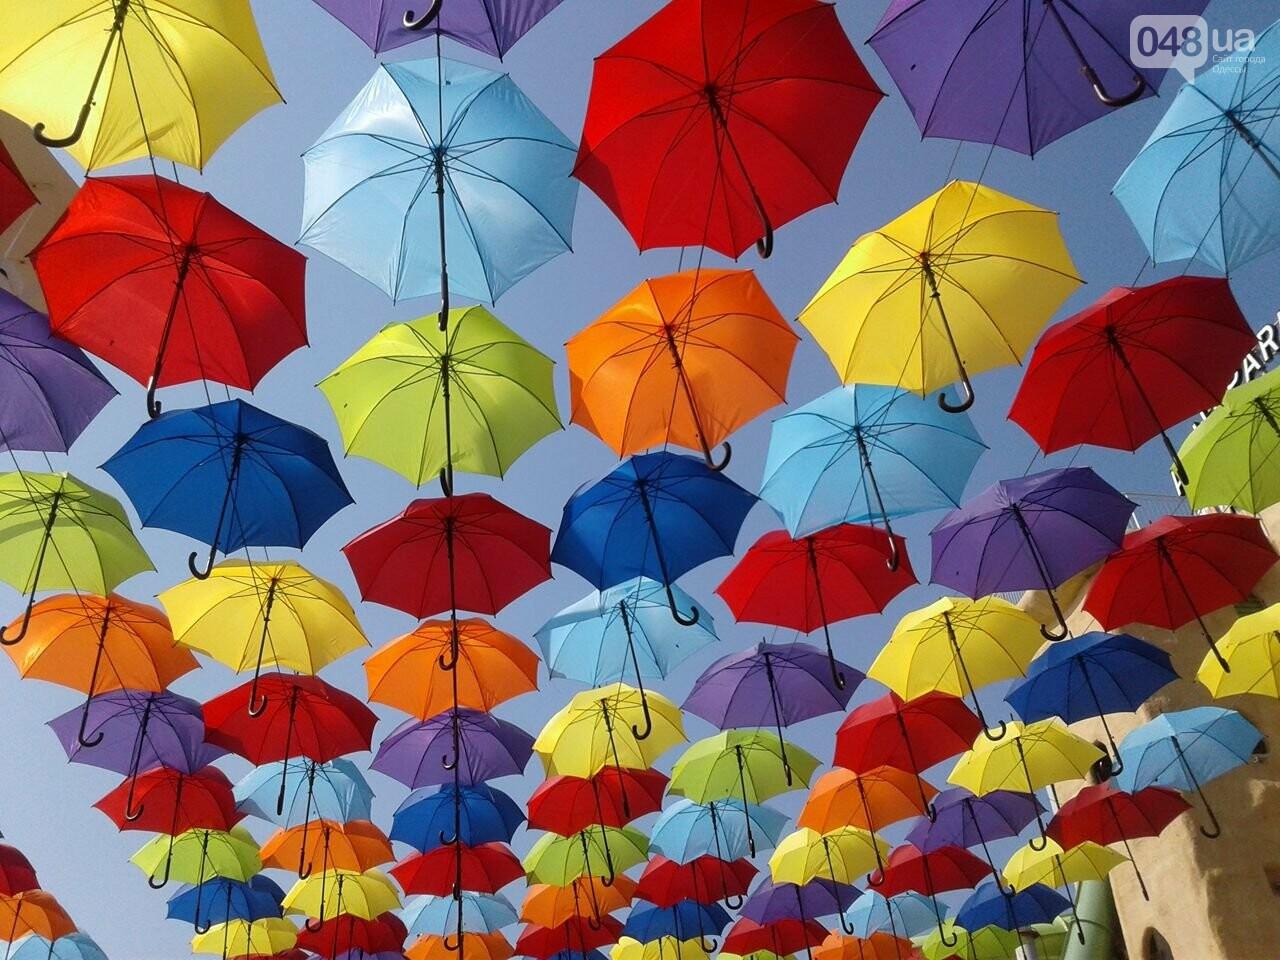 Одесскую Аркадию украсили разноцветные зонты: приходи фотографироваться (ФОТО), фото-5